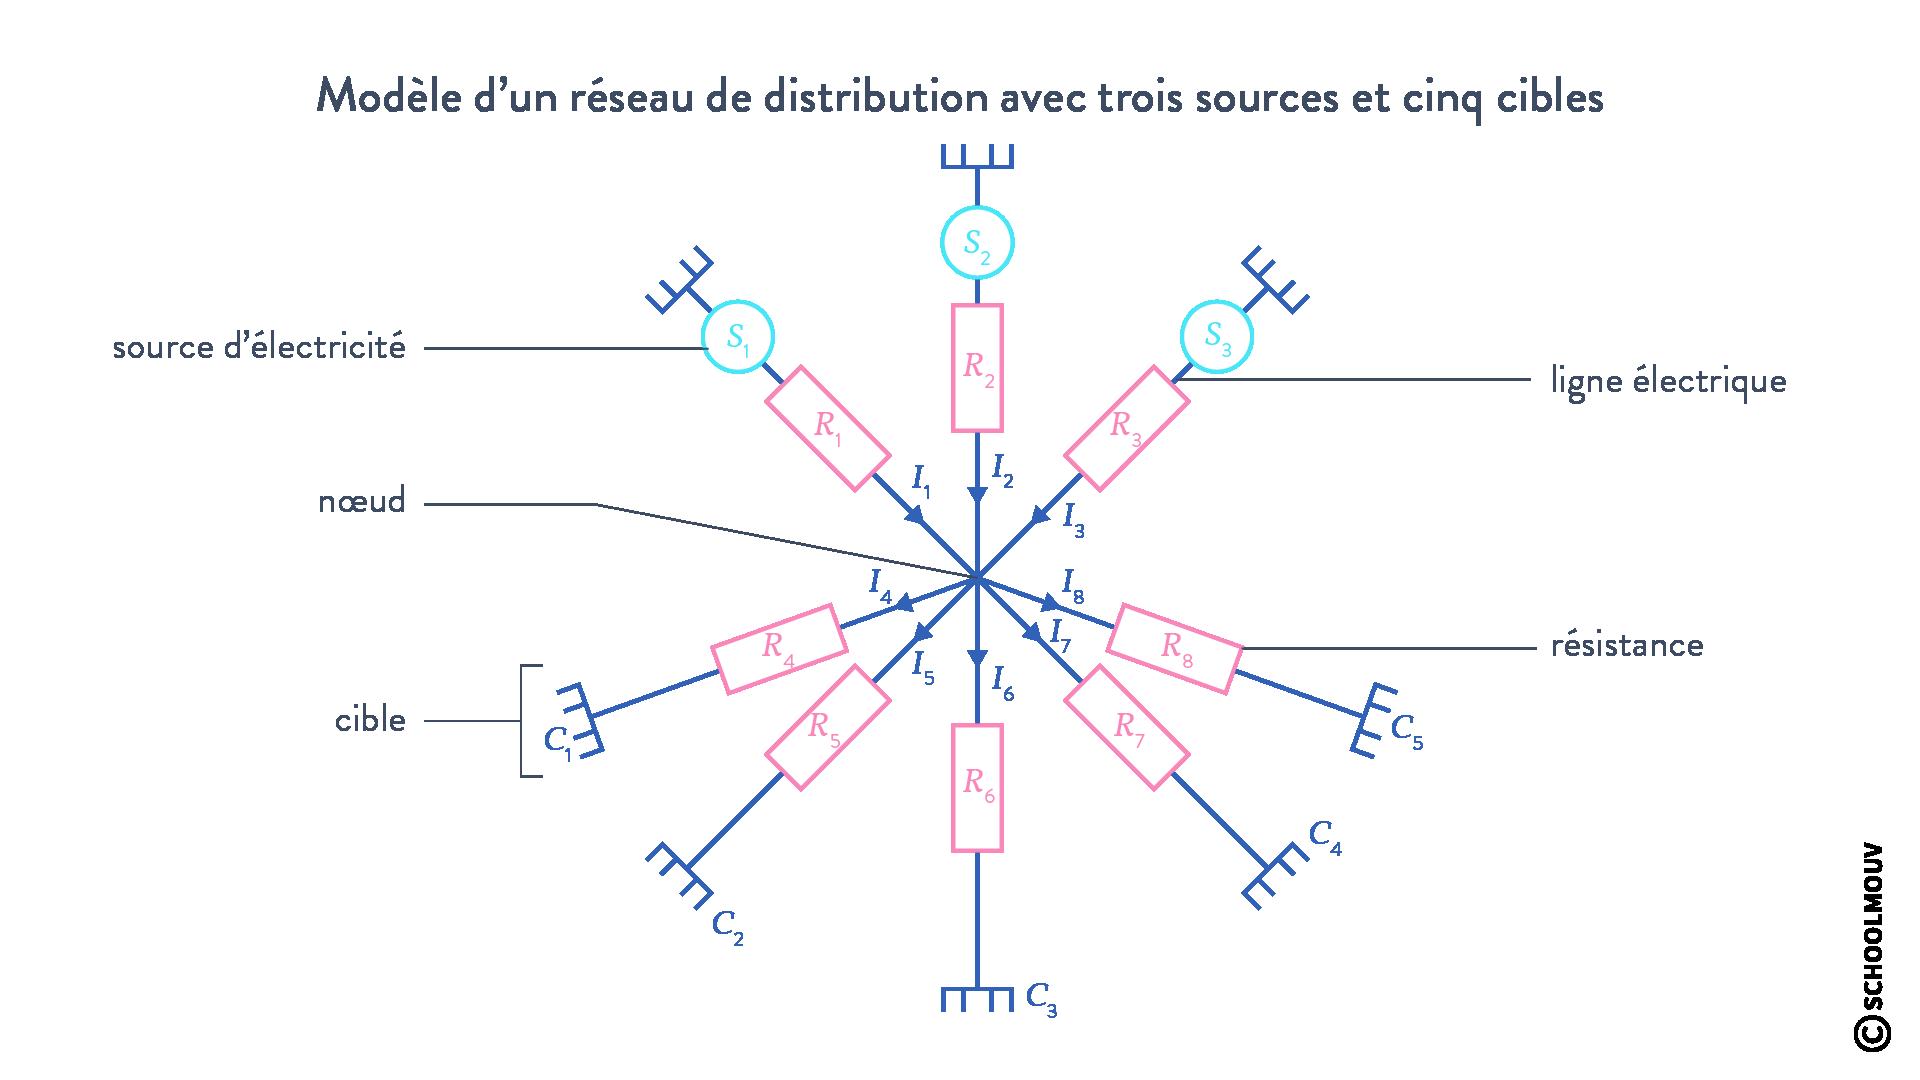 Modèle réseau distribution électricité sources cibles